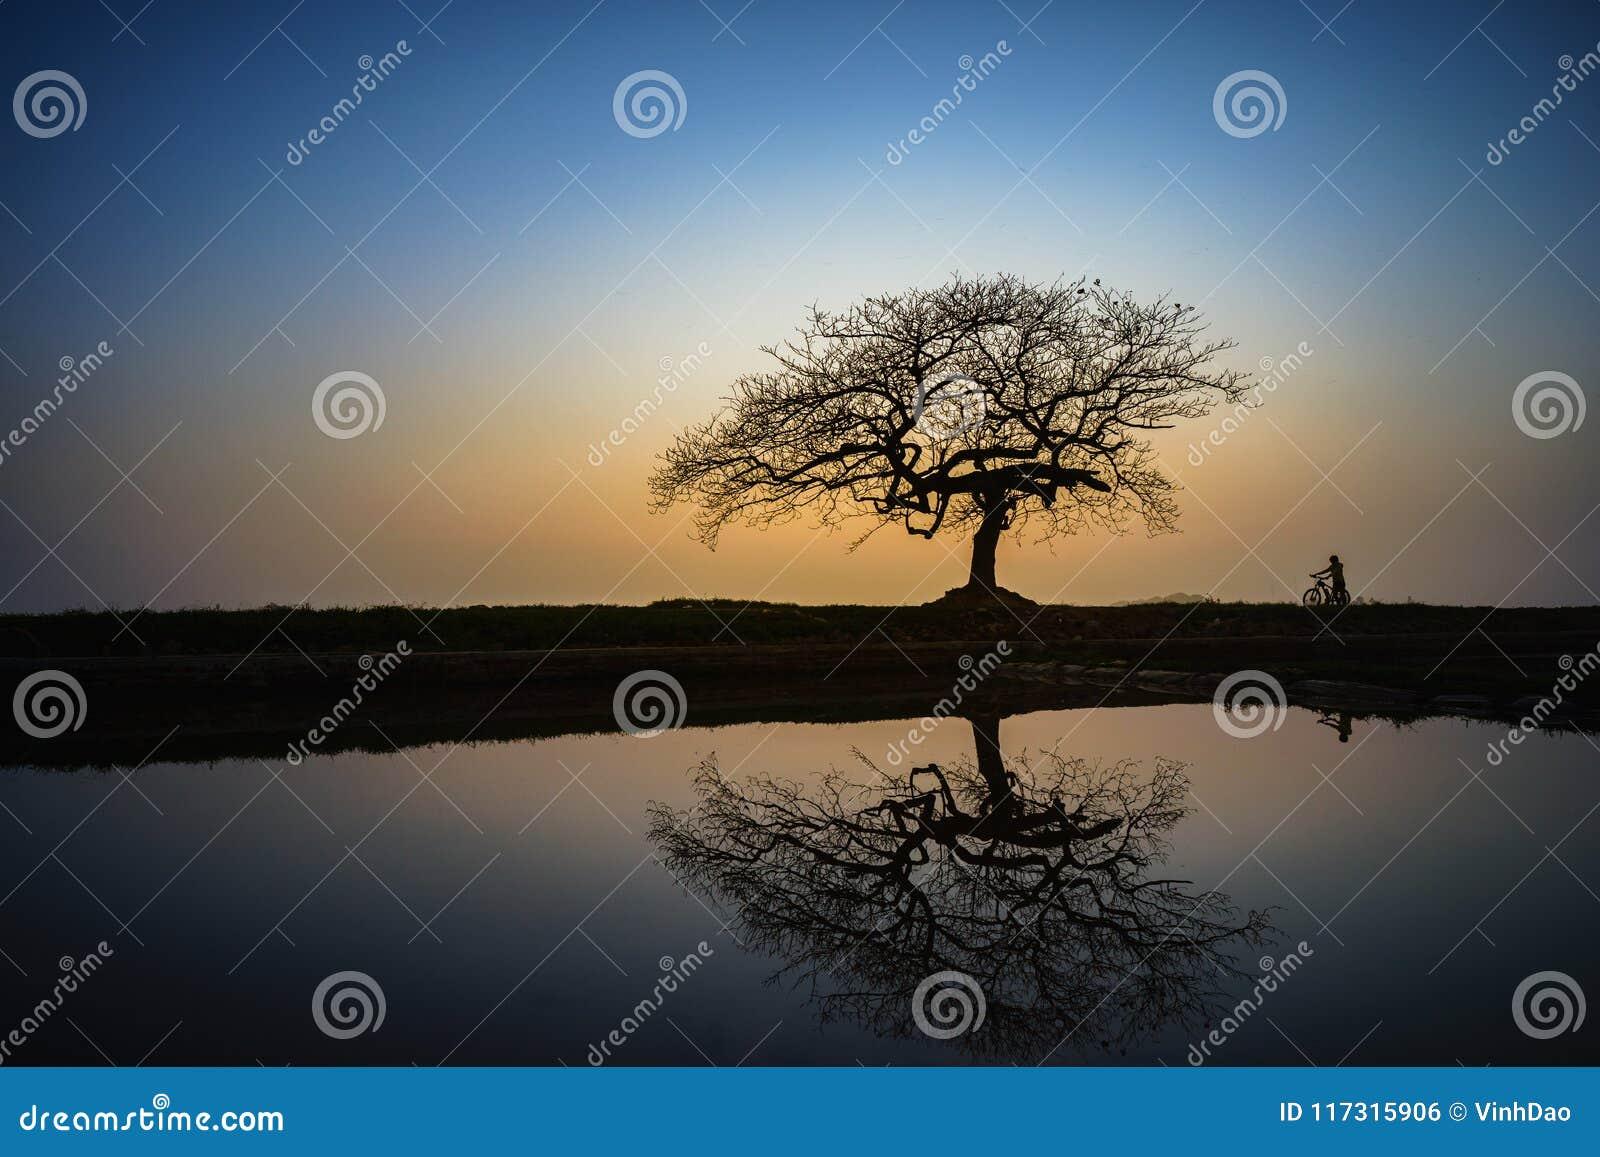 Piękny krajobraz z drzewną sylwetką i odbicie przy zmierzchem z samotną dziewczyną i rowerem pod drzewem